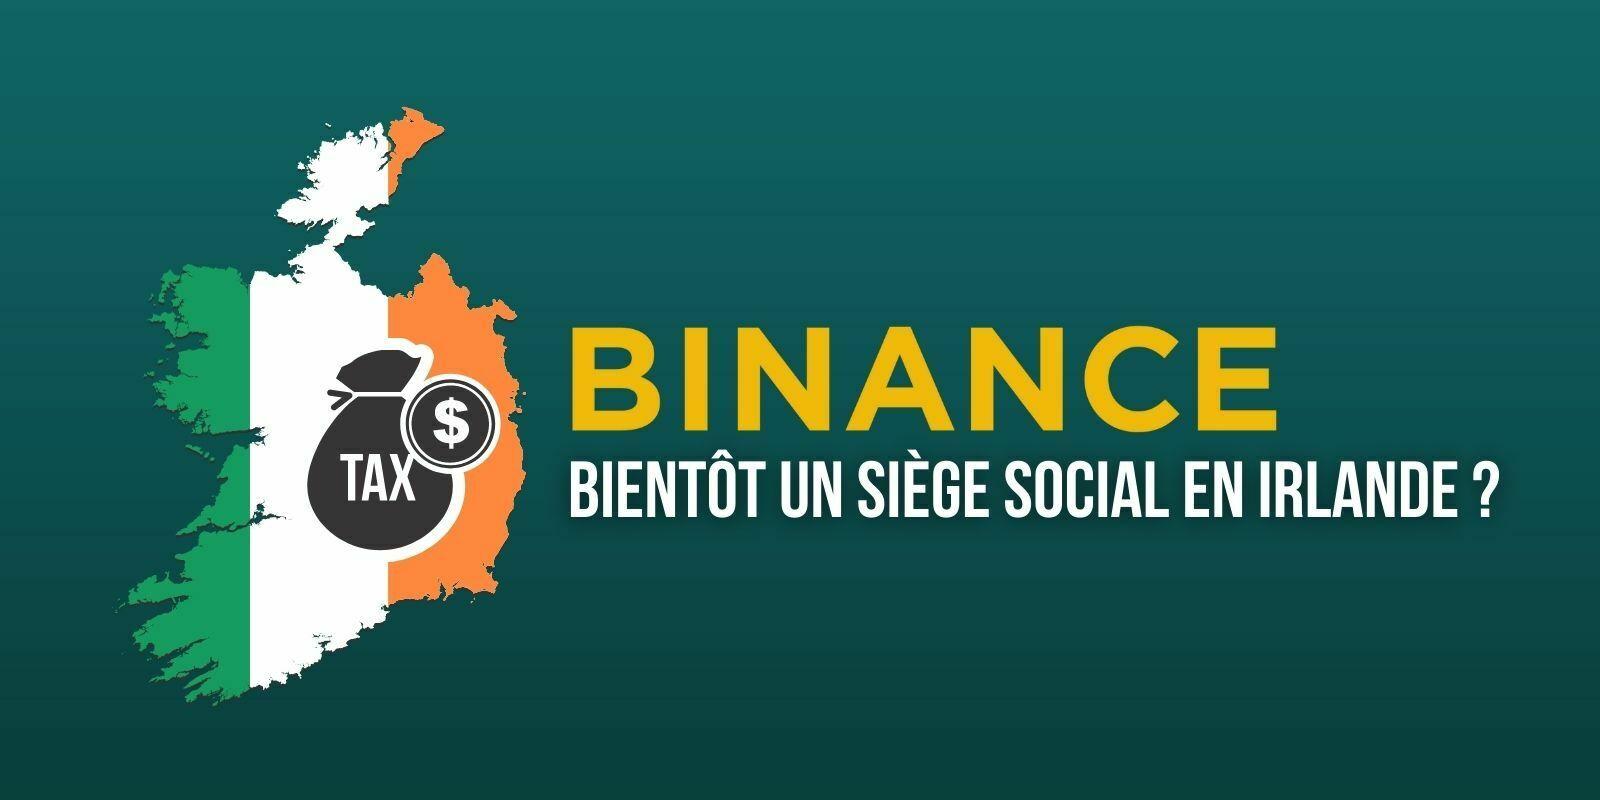 Binance envisage d'installer son siège social en Irlande pour calmer les régulateurs